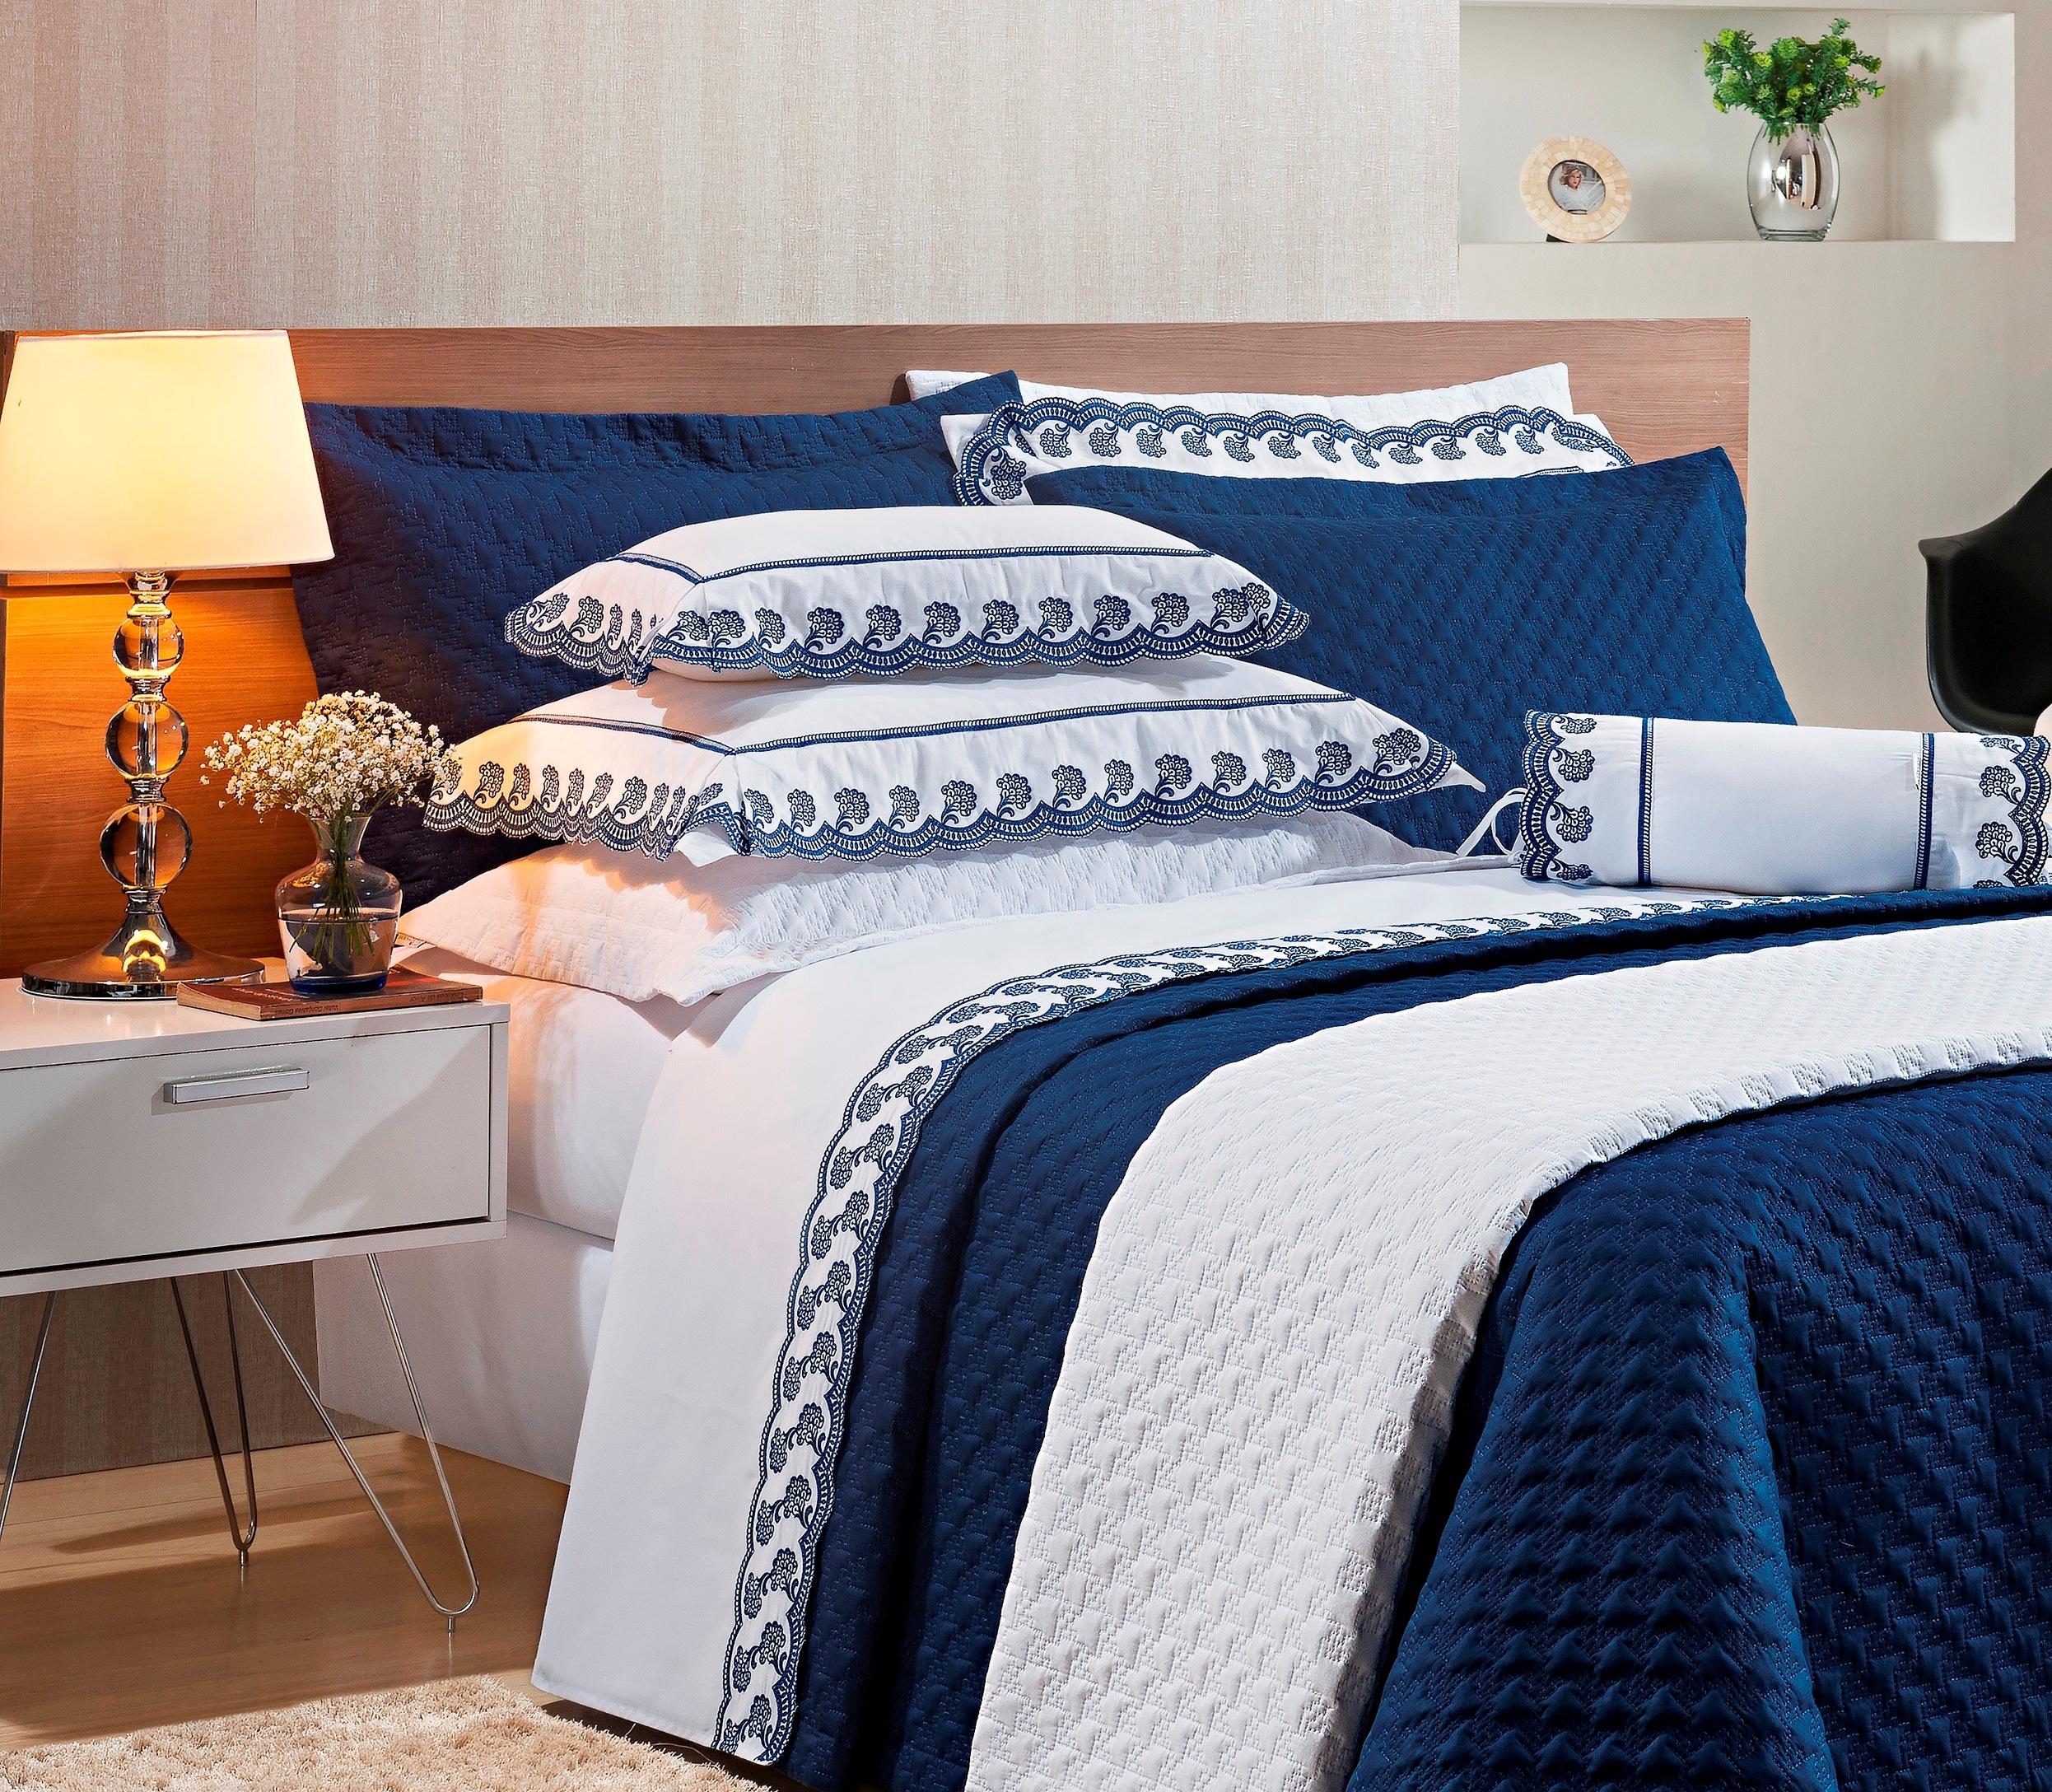 Roupa de cama azul e branca.